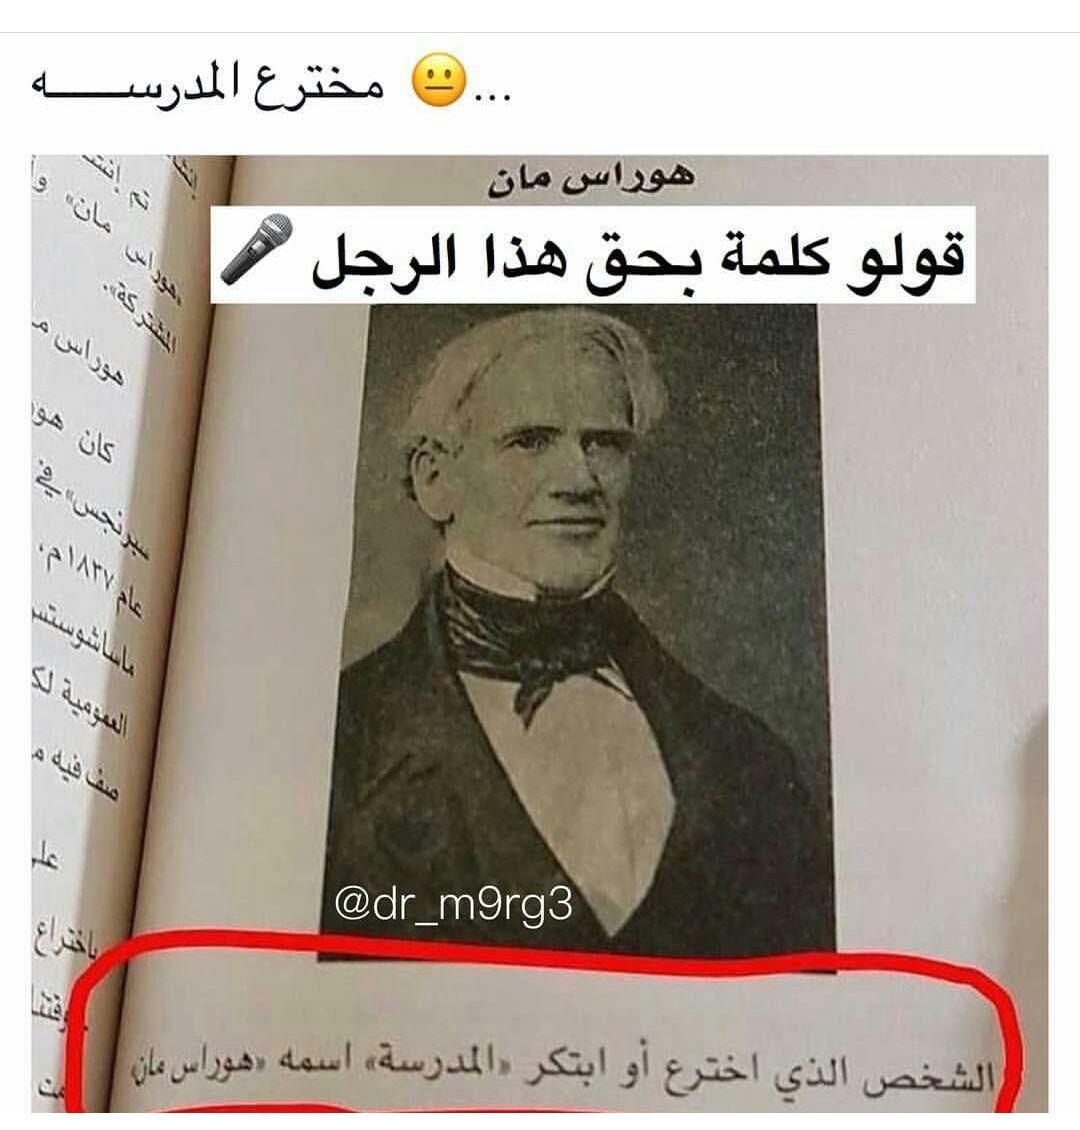 لاإله الالله On Twitter الرجل الذي اخترع المدرسه هوراس مان